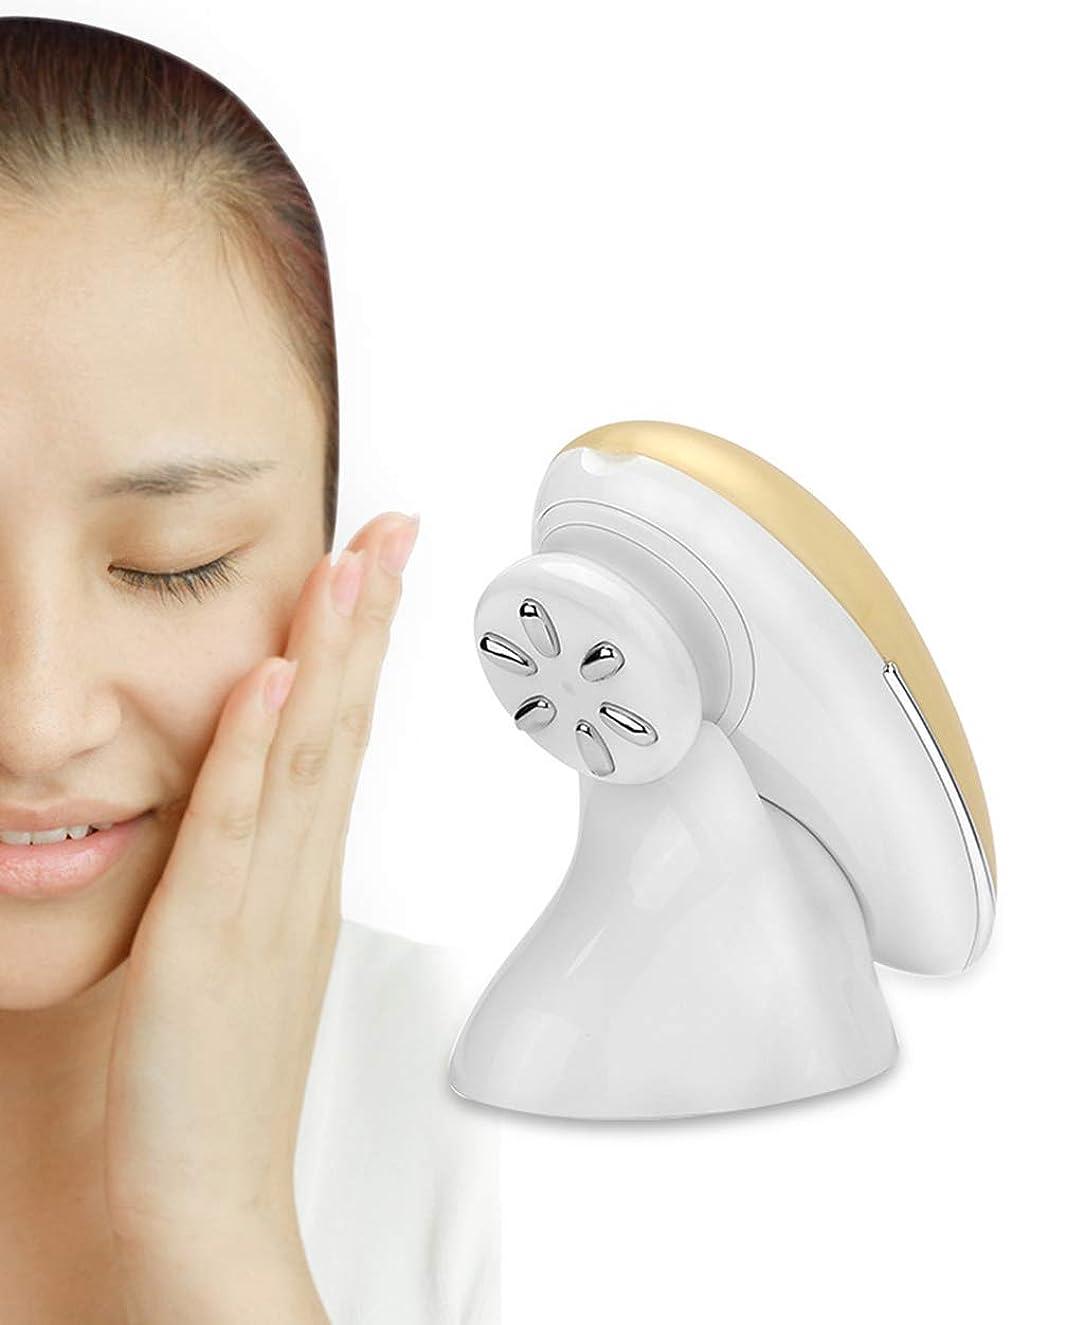 尽きる遠足アンペアEMSパルス美容機器、RFしわ肌の顔の肌を引き締め抗老化美容機器